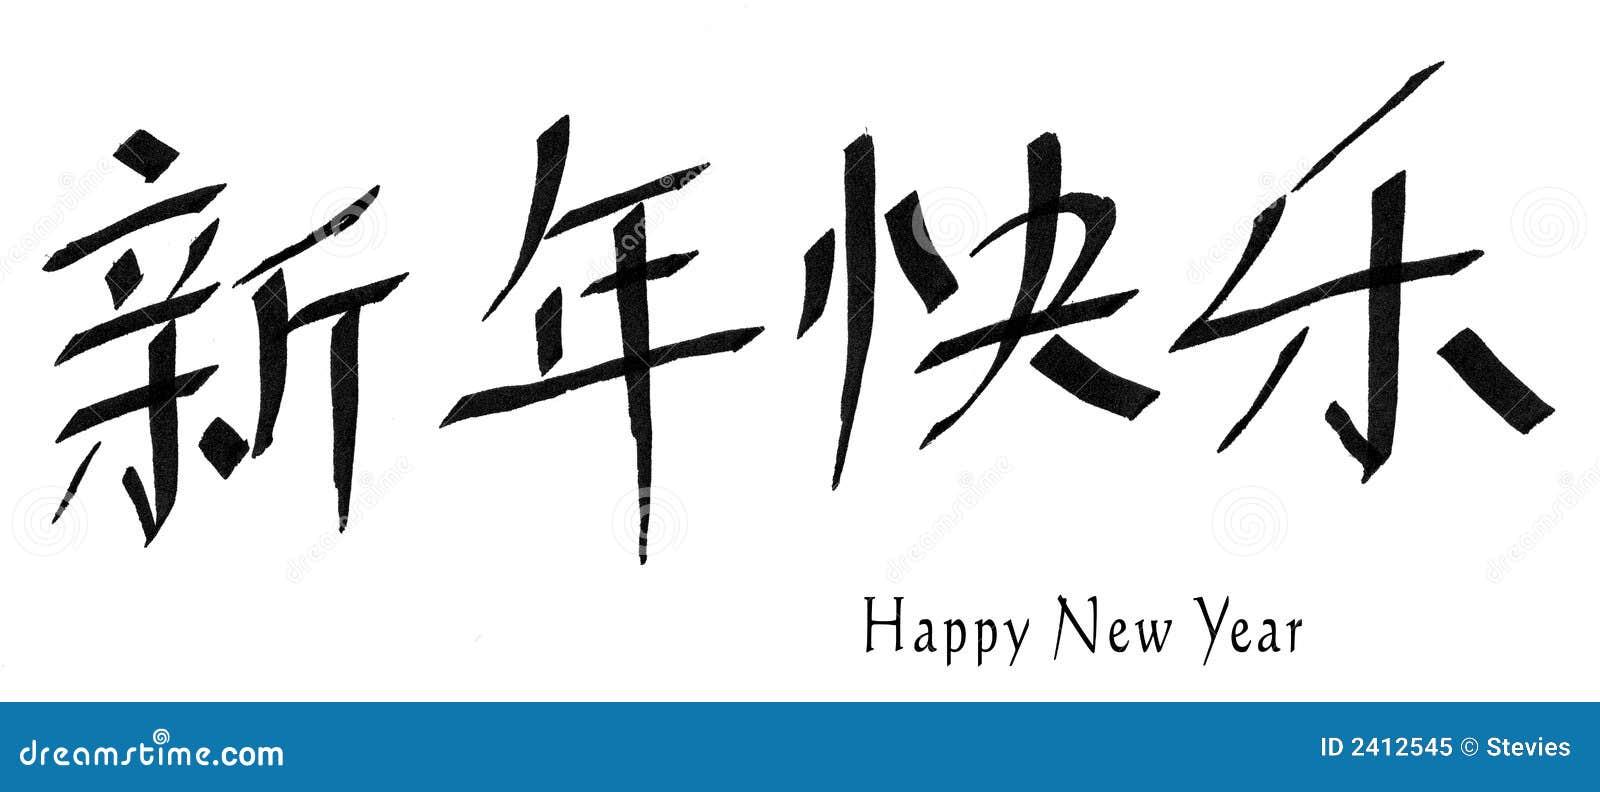 Feliz Año Nuevo en chino